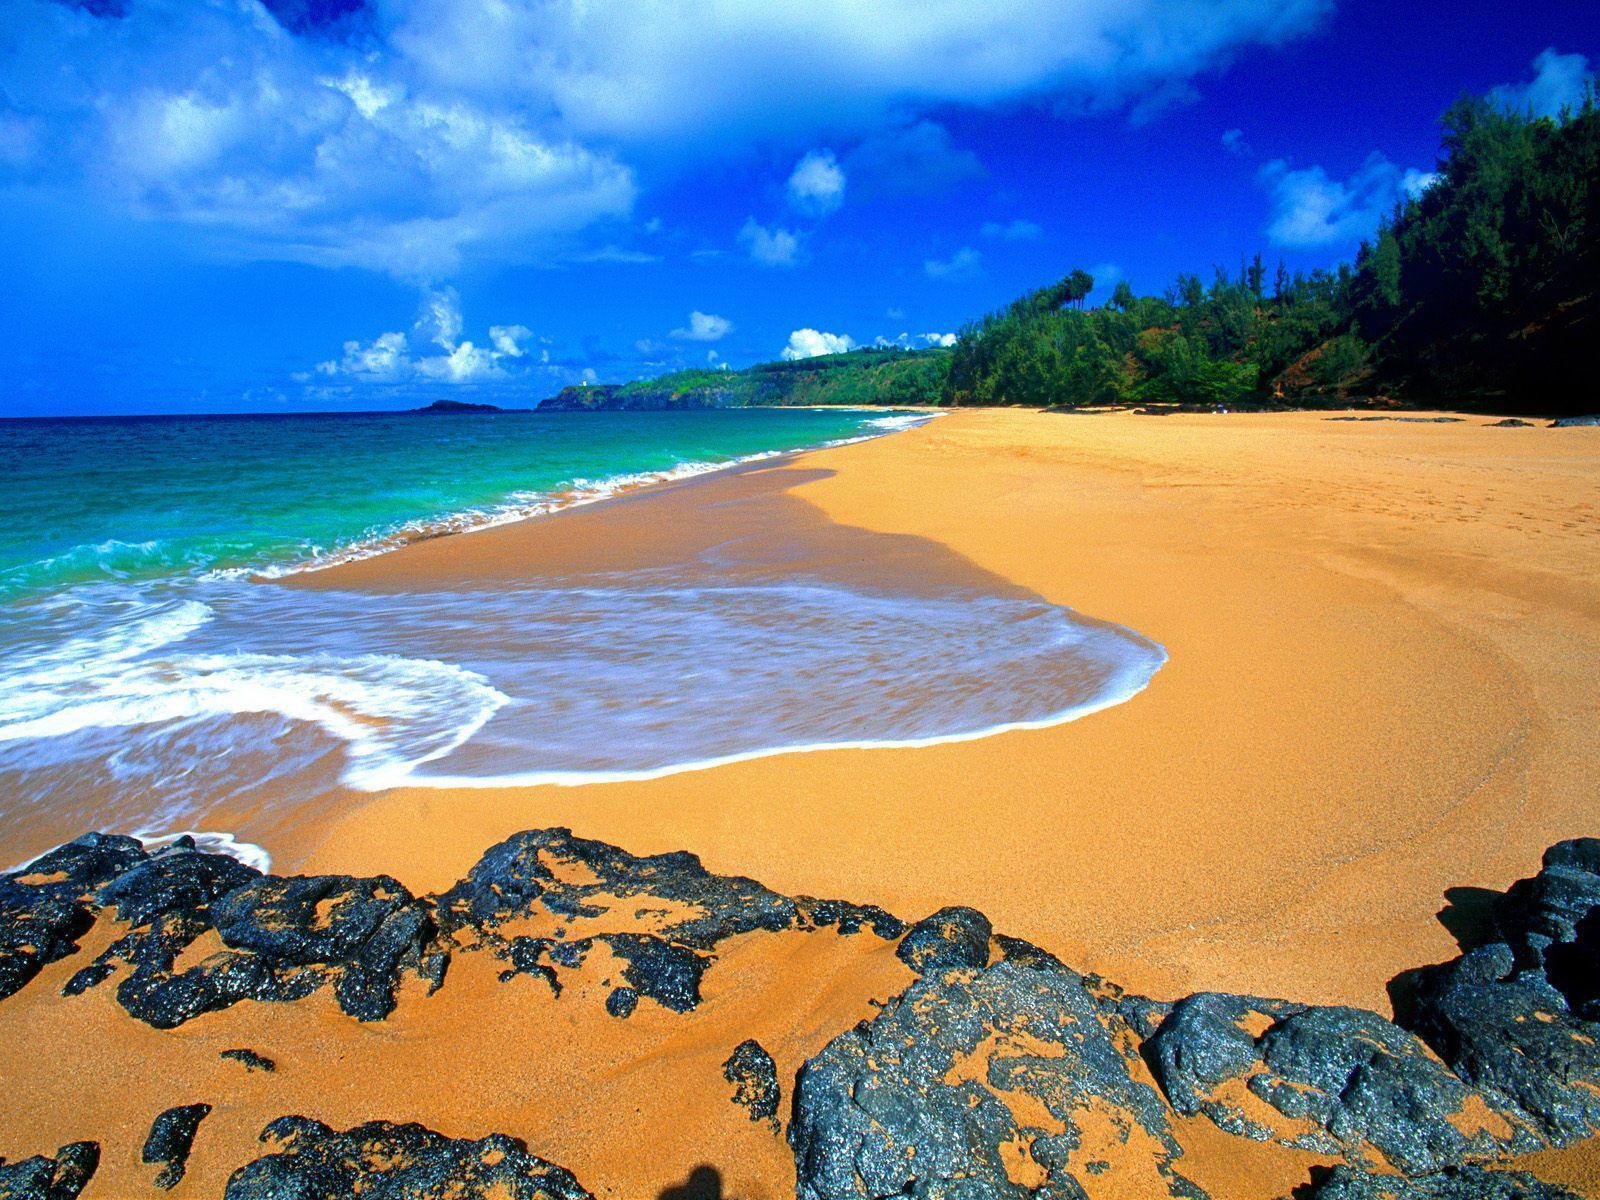 Dragon lore wallpaper wallpapersafari - Free Hawaii Screensavers Wallpaper